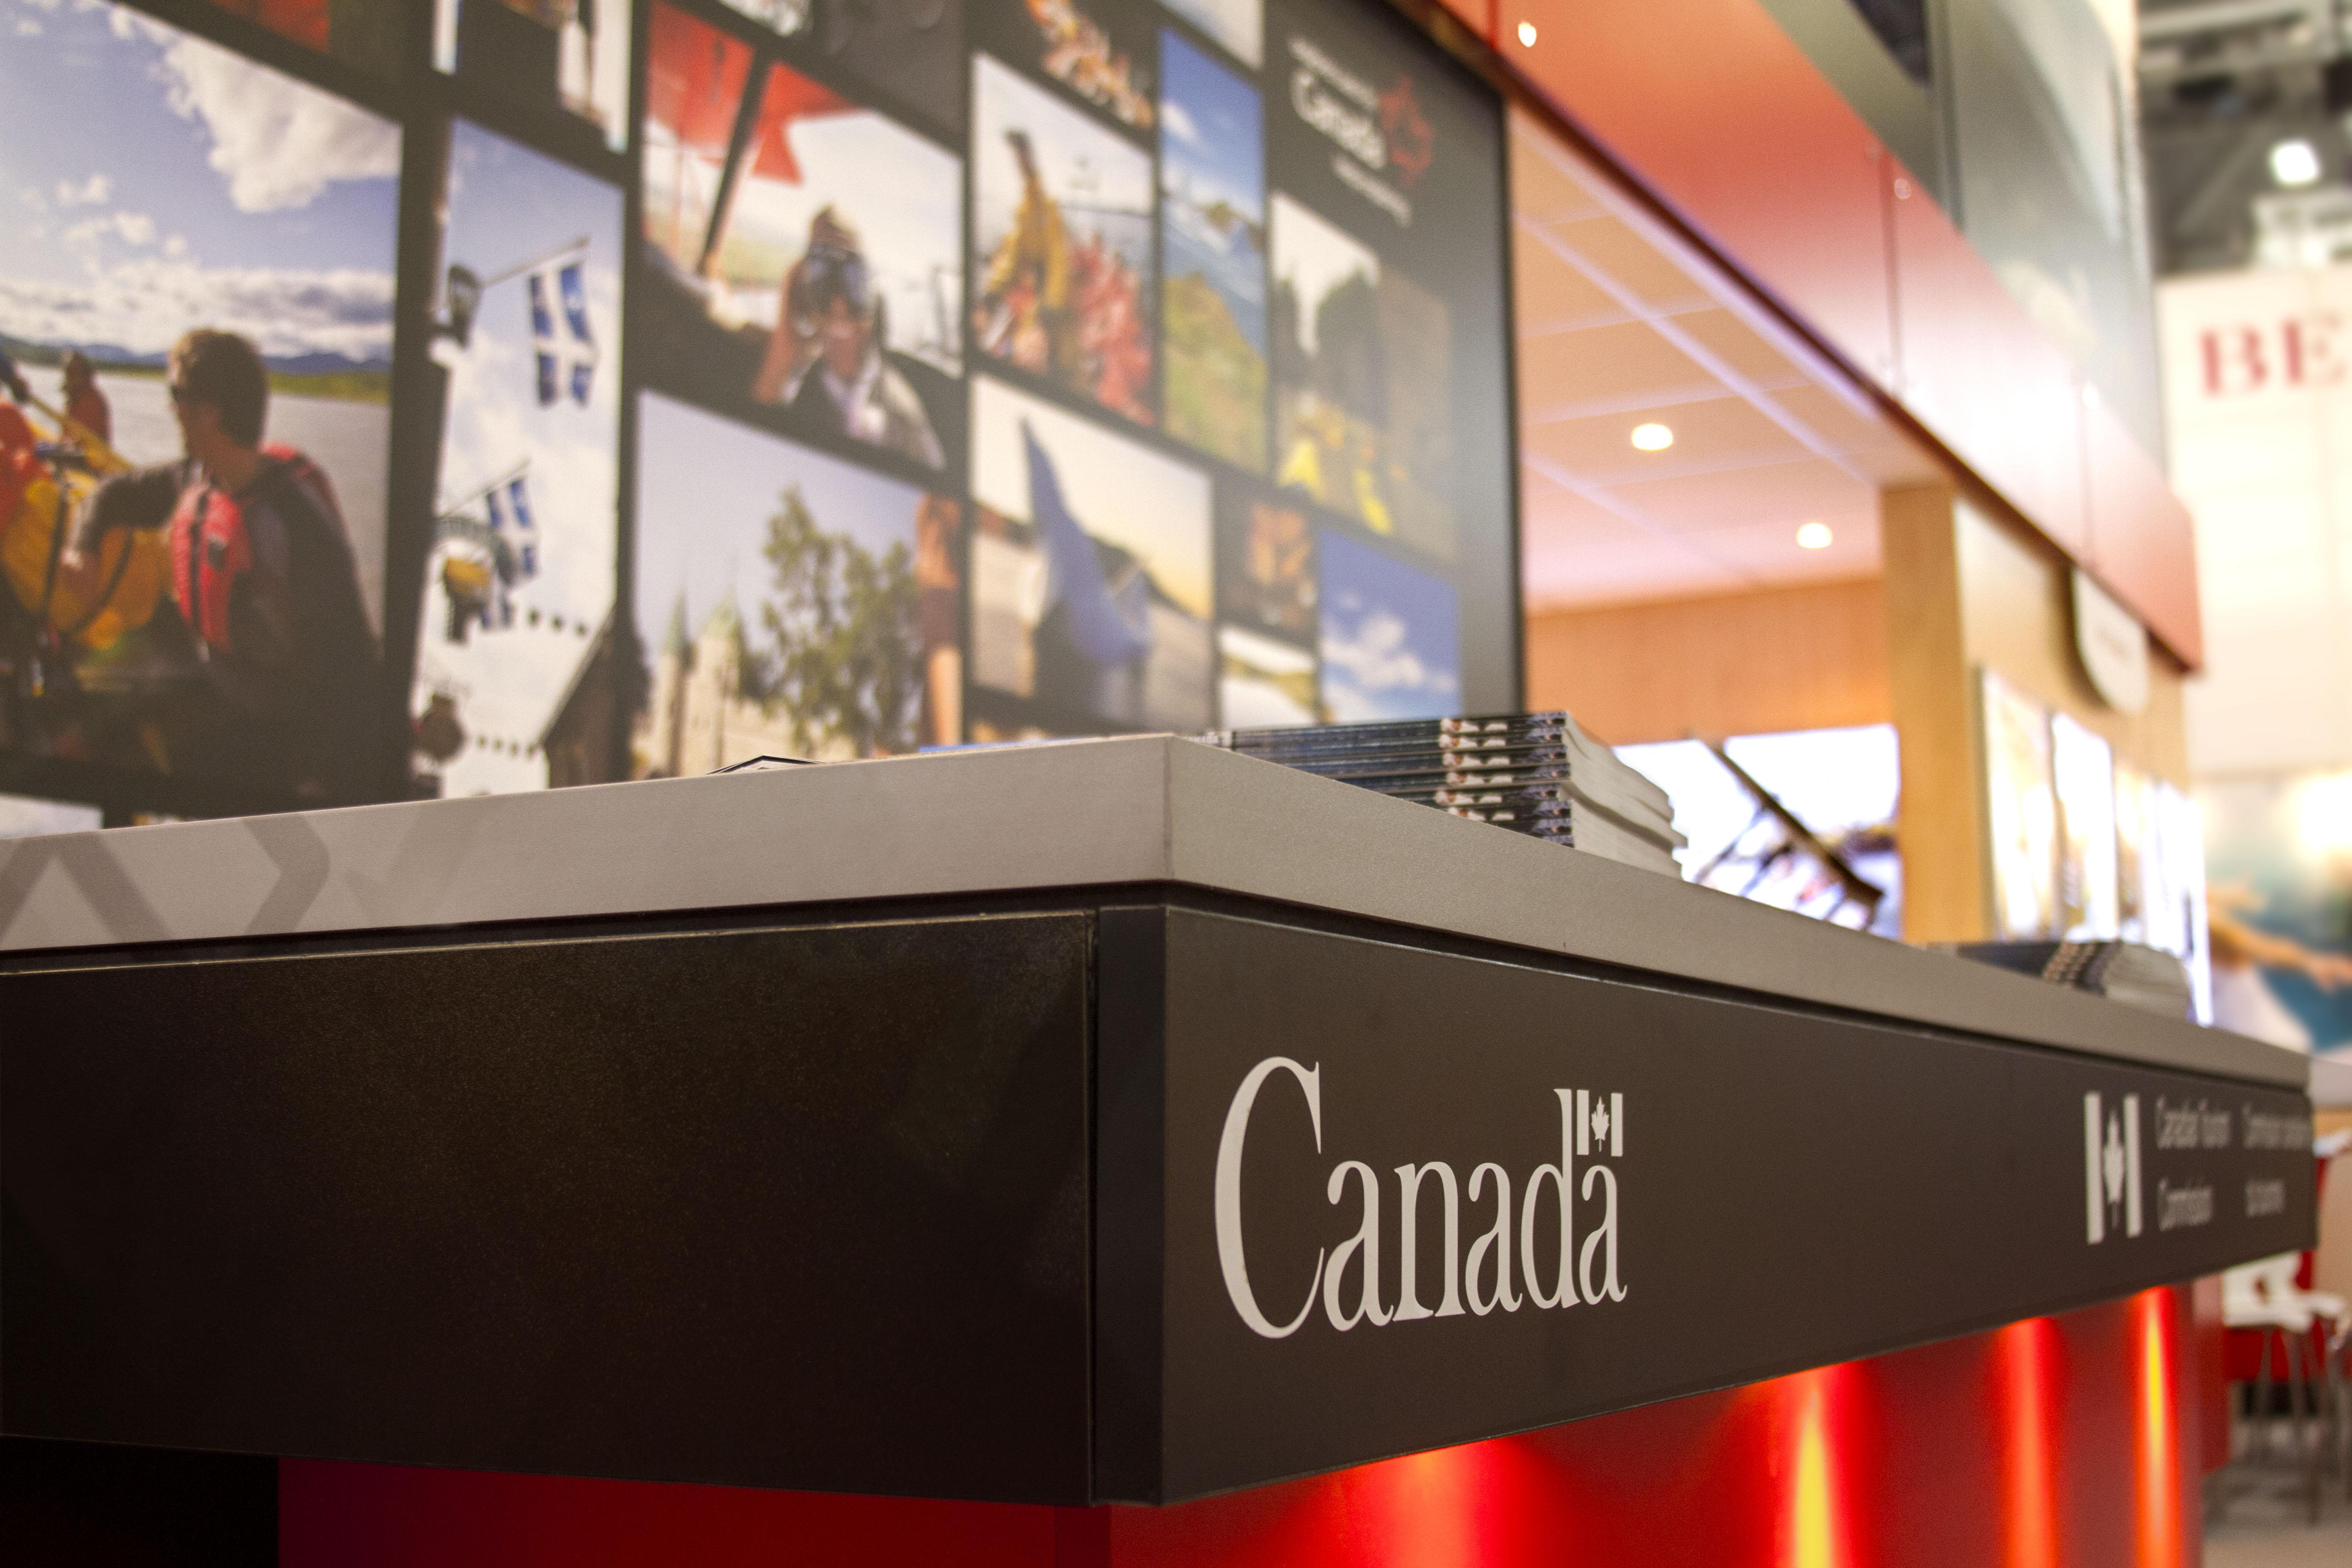 Canada Travel exhibition